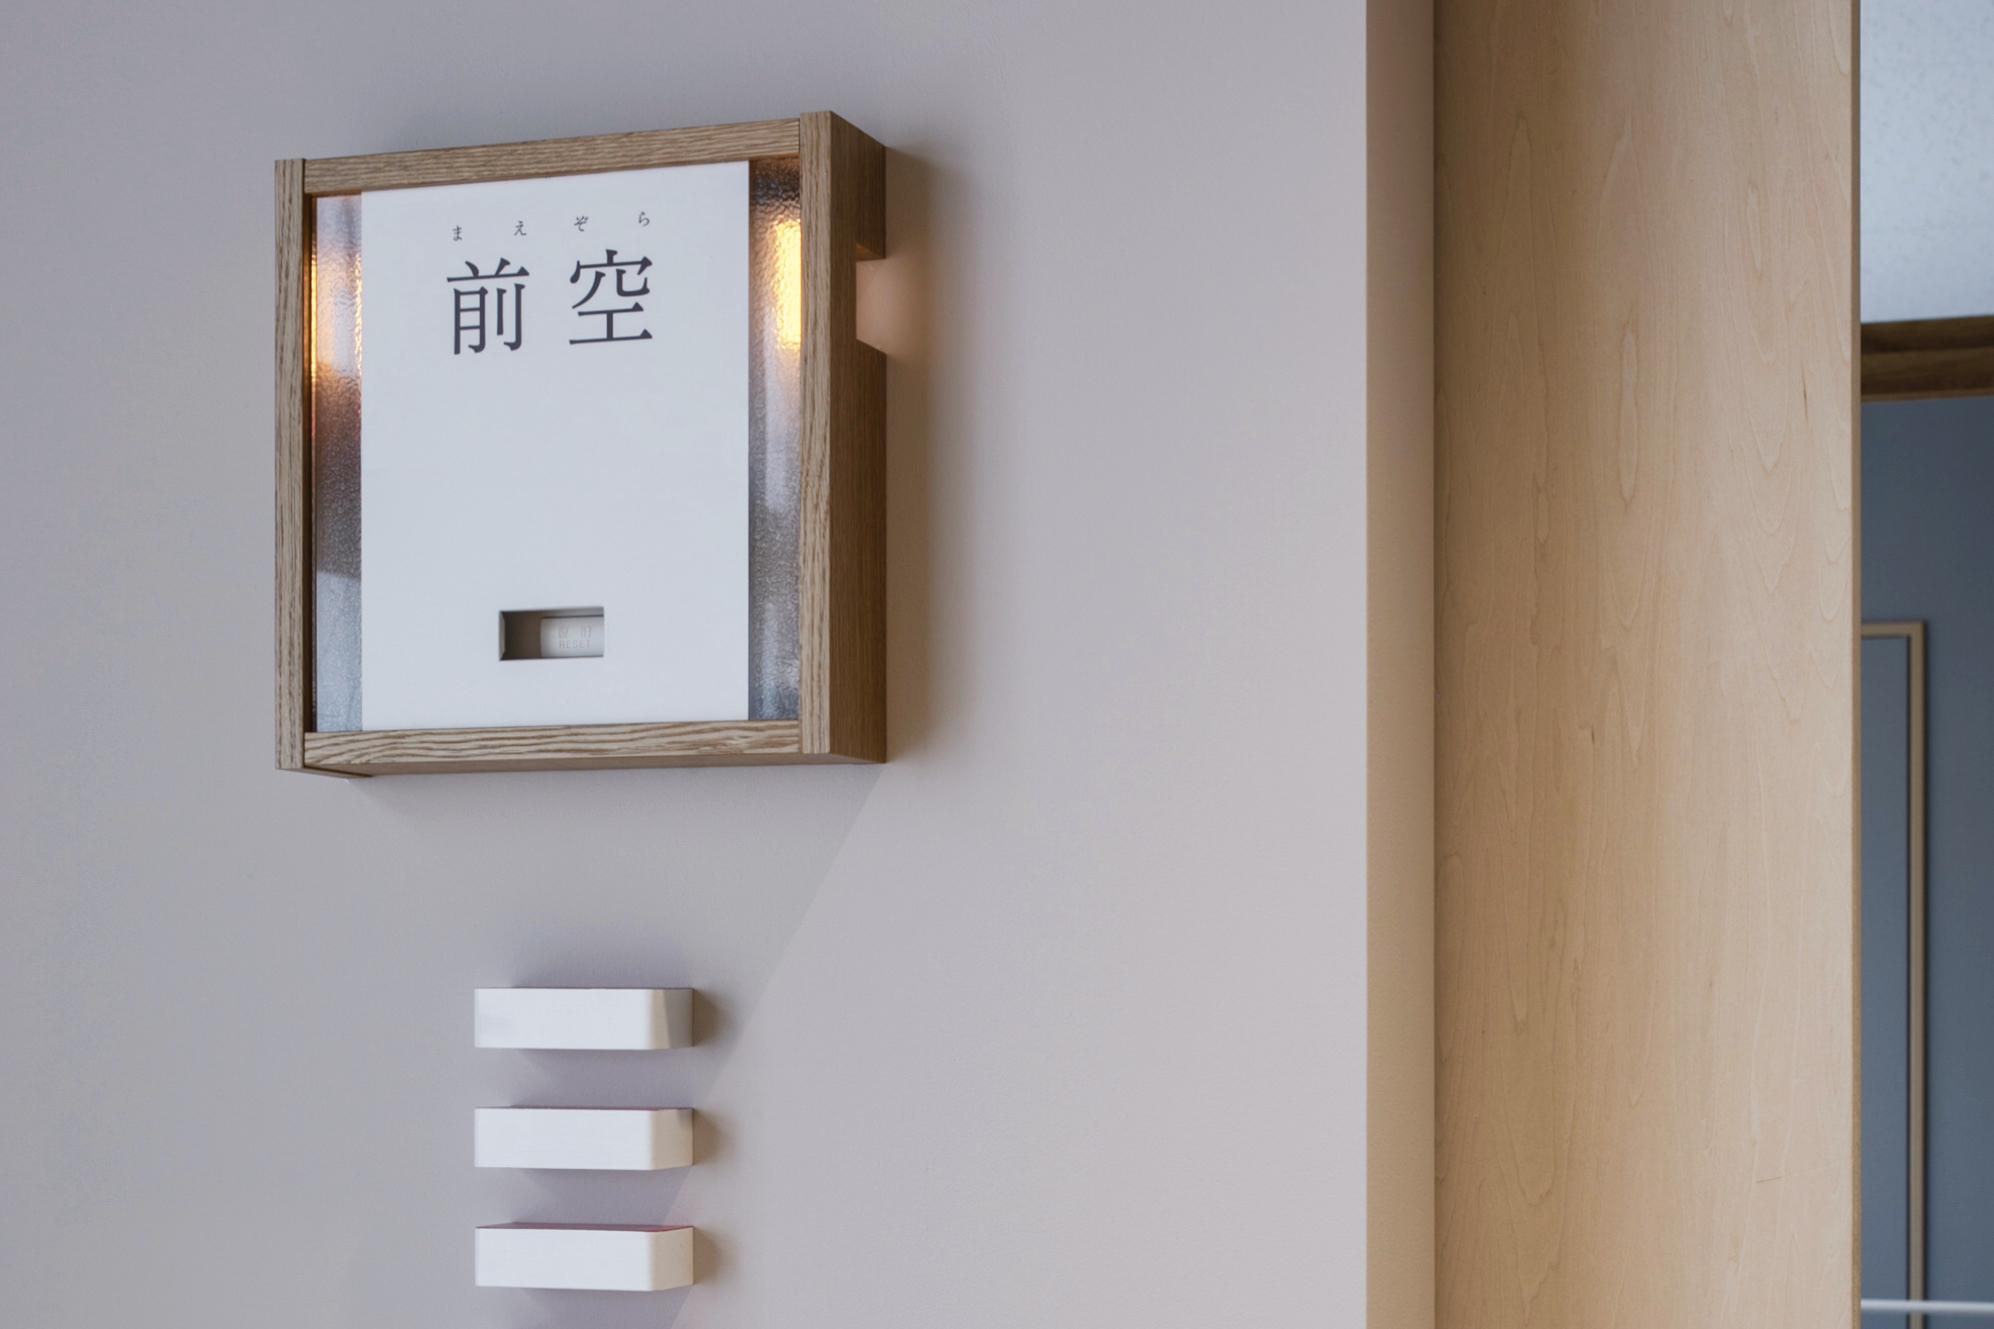 ナースコールが点滅すると、光が拡散する仕様。室名は数字で表すのではなく施設周辺の地名。